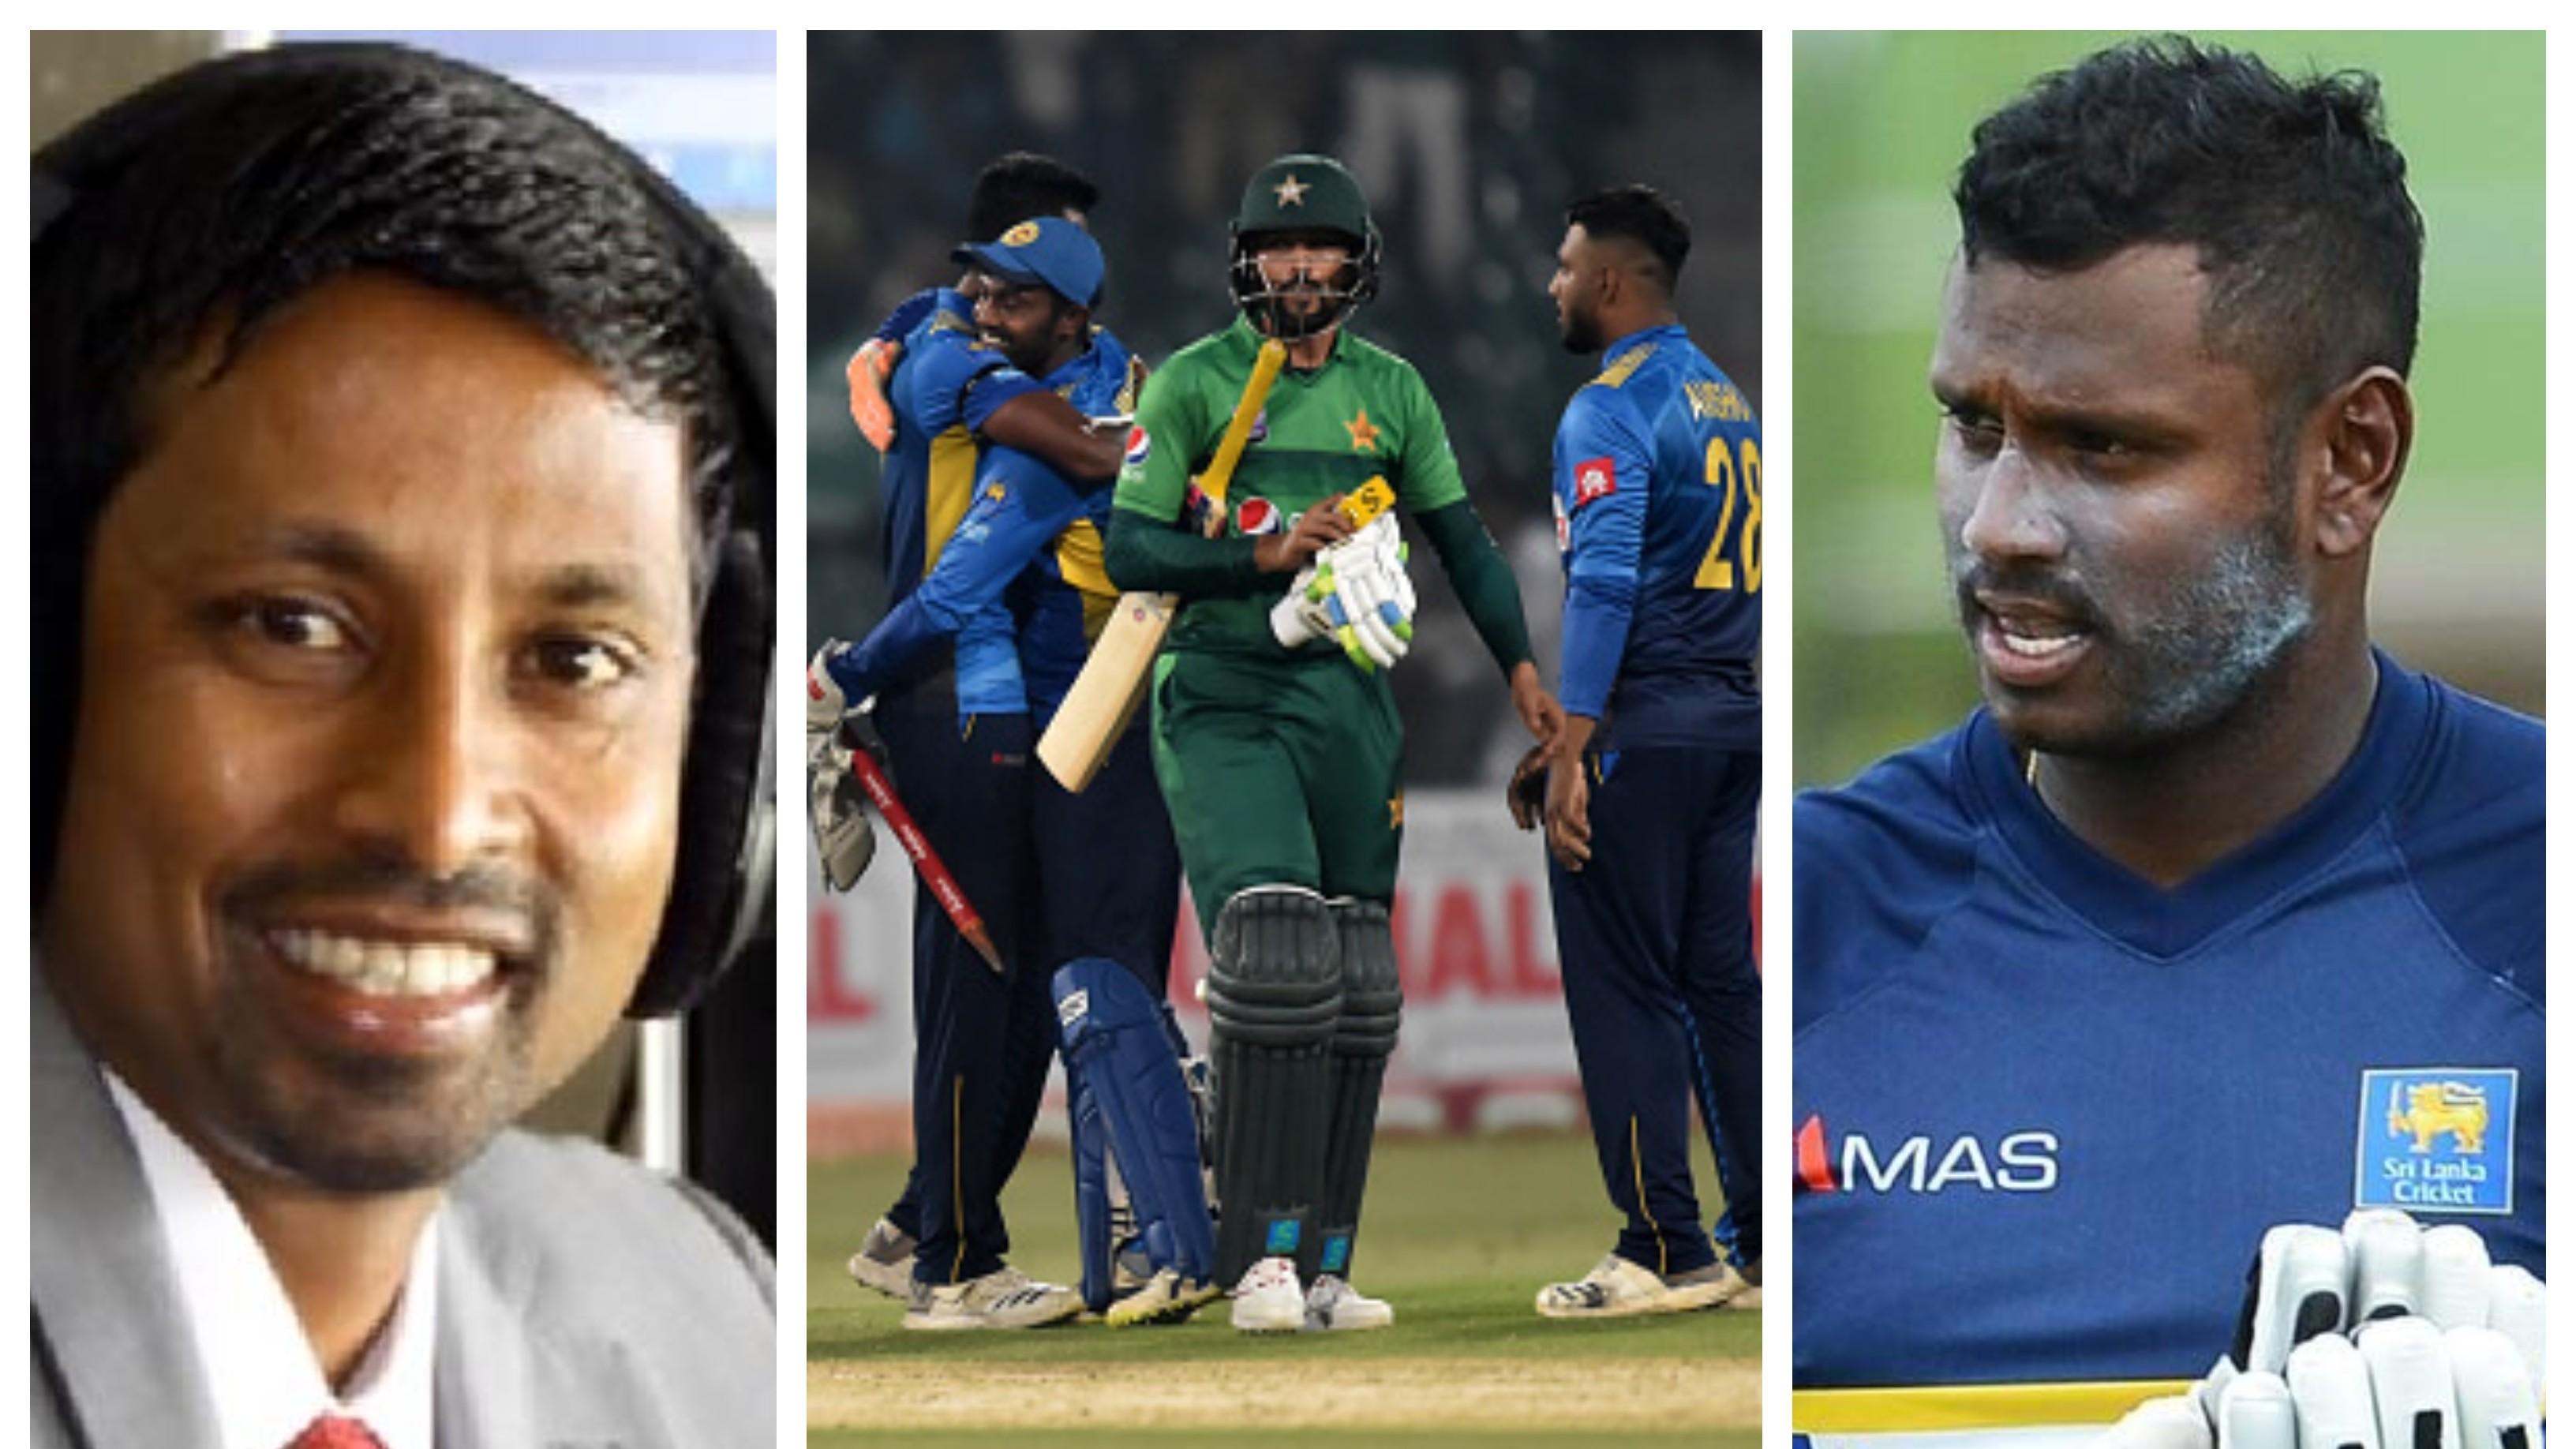 PAK v SL 2019: Sri Lanka cricket fraternity celebrates T20I series win in Pakistan